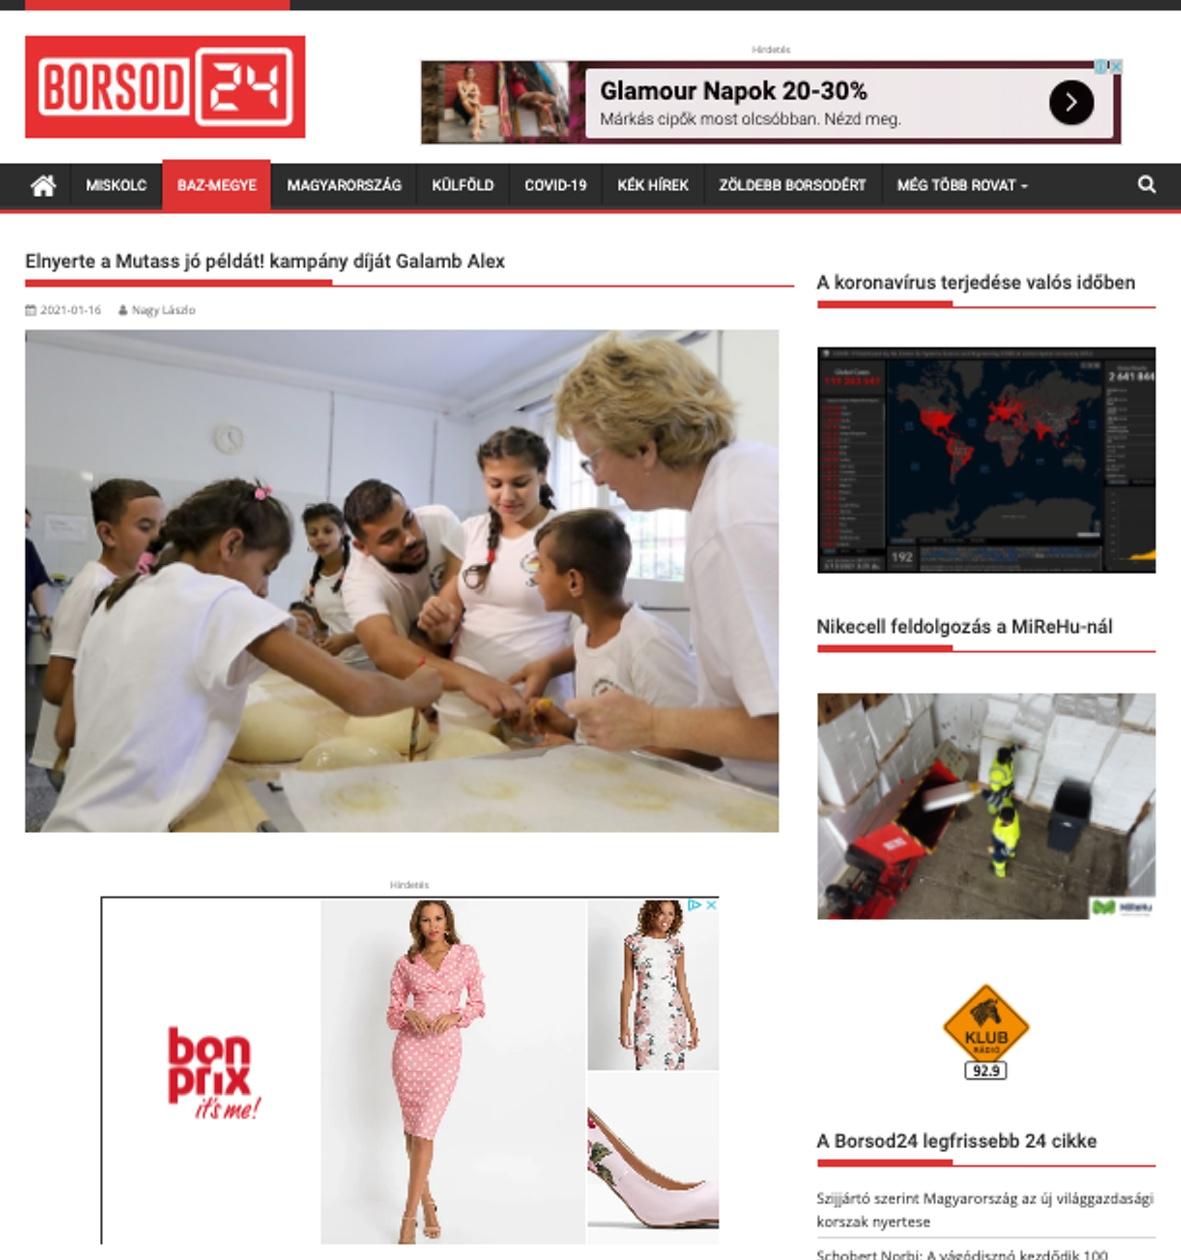 Mutass jó példát kampány médiamegjelenés Borsod24